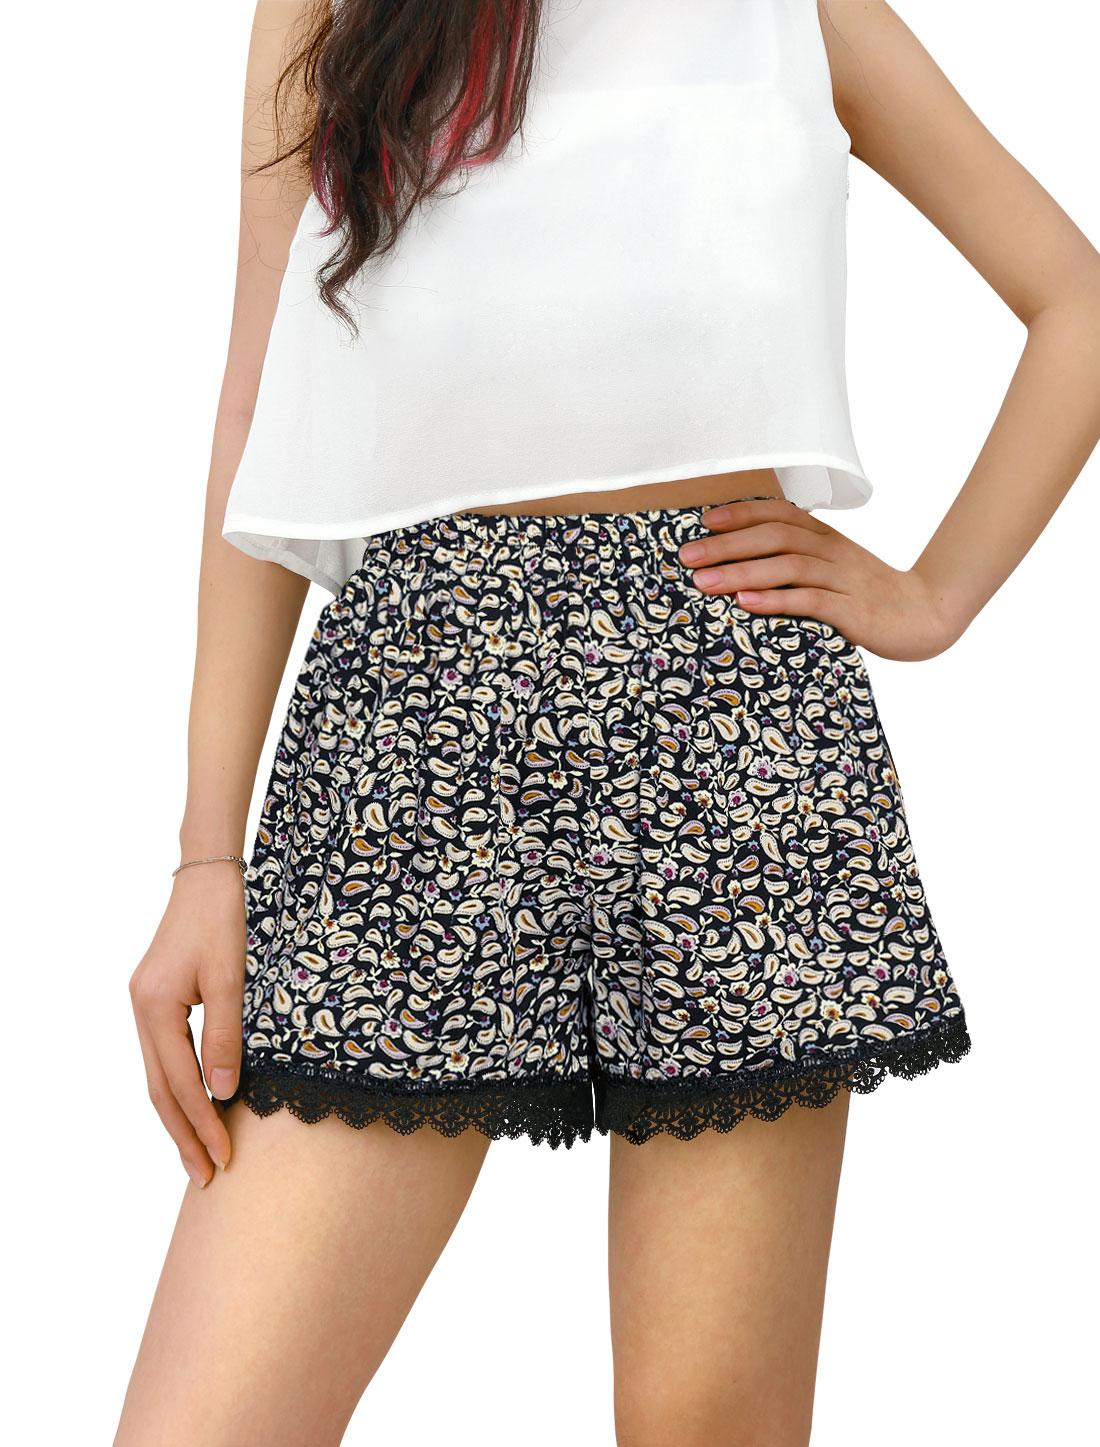 Allegra K Ladies Paisleys Floral Prints Lace Trim Short Shorts Black Beige XL